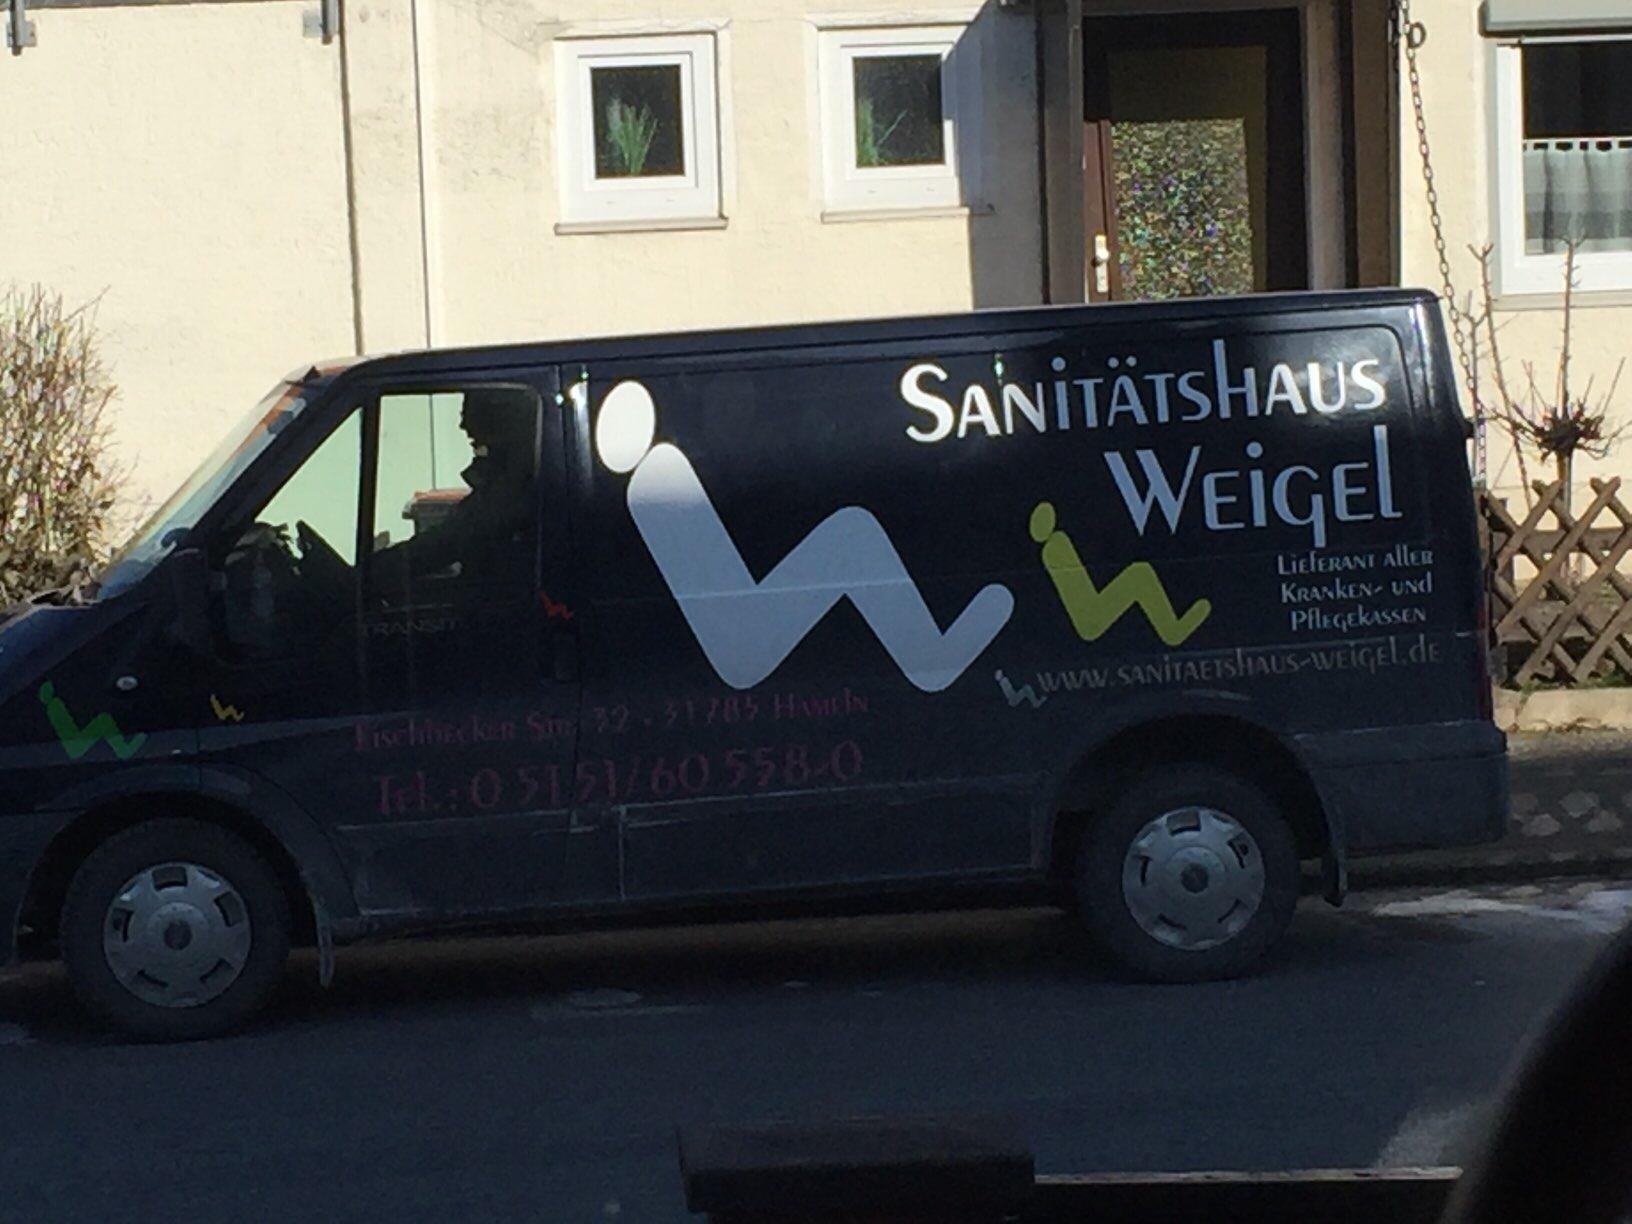 bf9c3d1ee0745d ➤ Sanitätshaus Weigel GmbH   Co. KG 31785 Hameln-Innenstadt ...